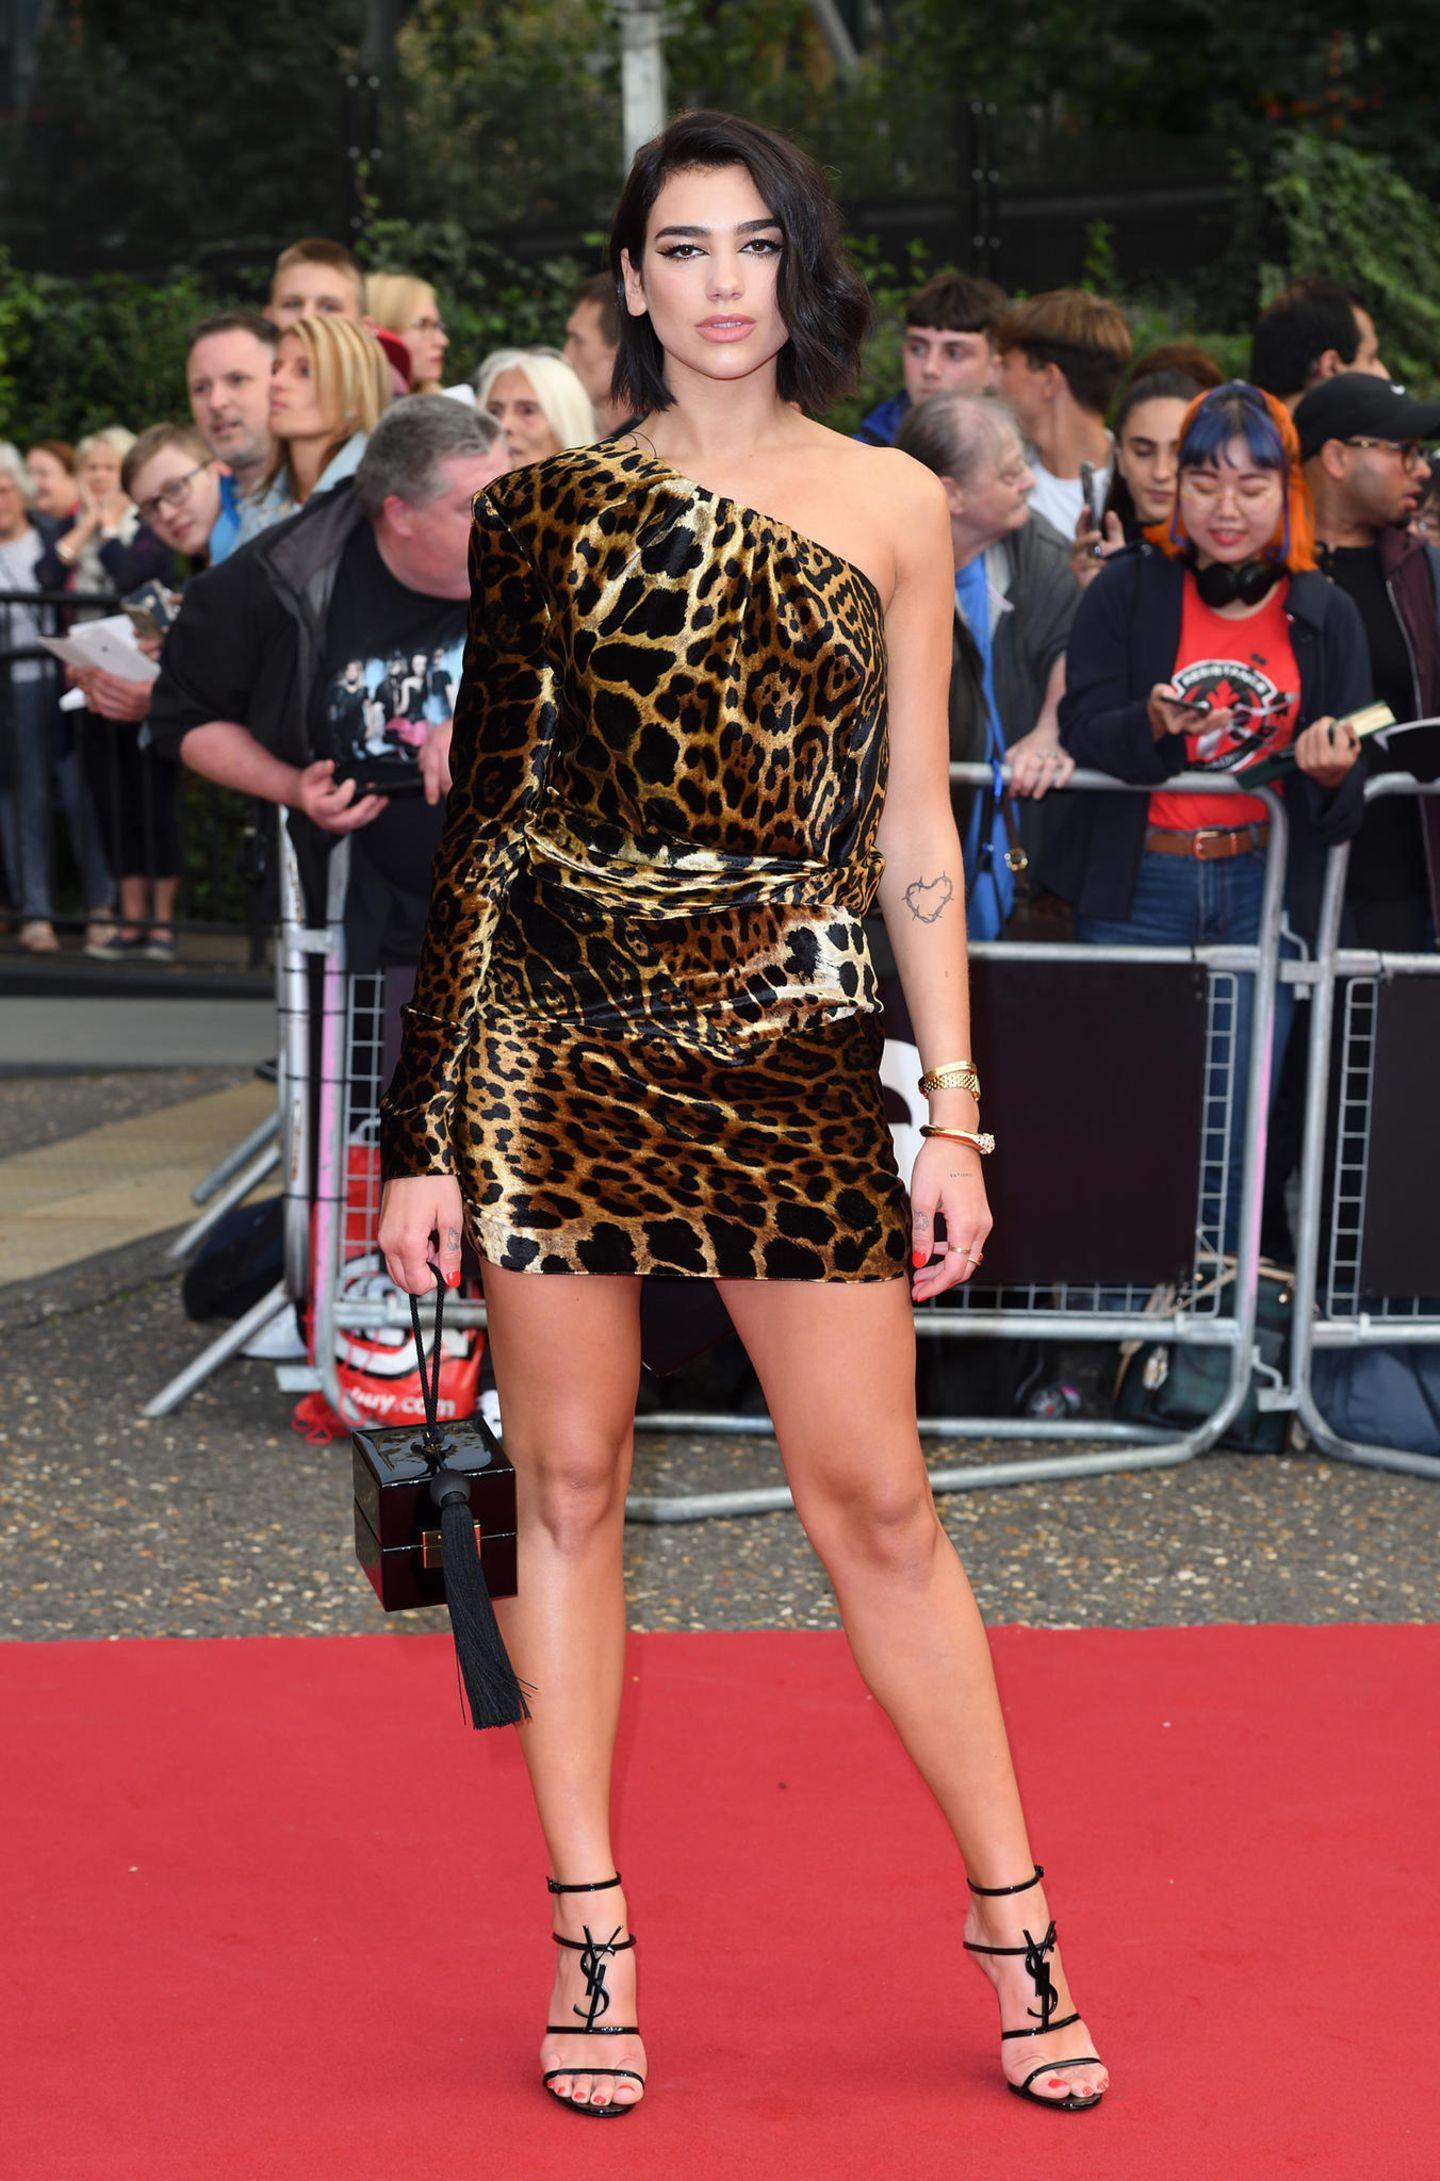 GQ Men of the Year Awards 2018: One-Shoulder und Leo-Print: Dua Lipas Minikleid von Saint Laurent vereint gleich zwei Trends. Ihre Heels des Labels gelten momentan übrigens als der letzte Schrei.